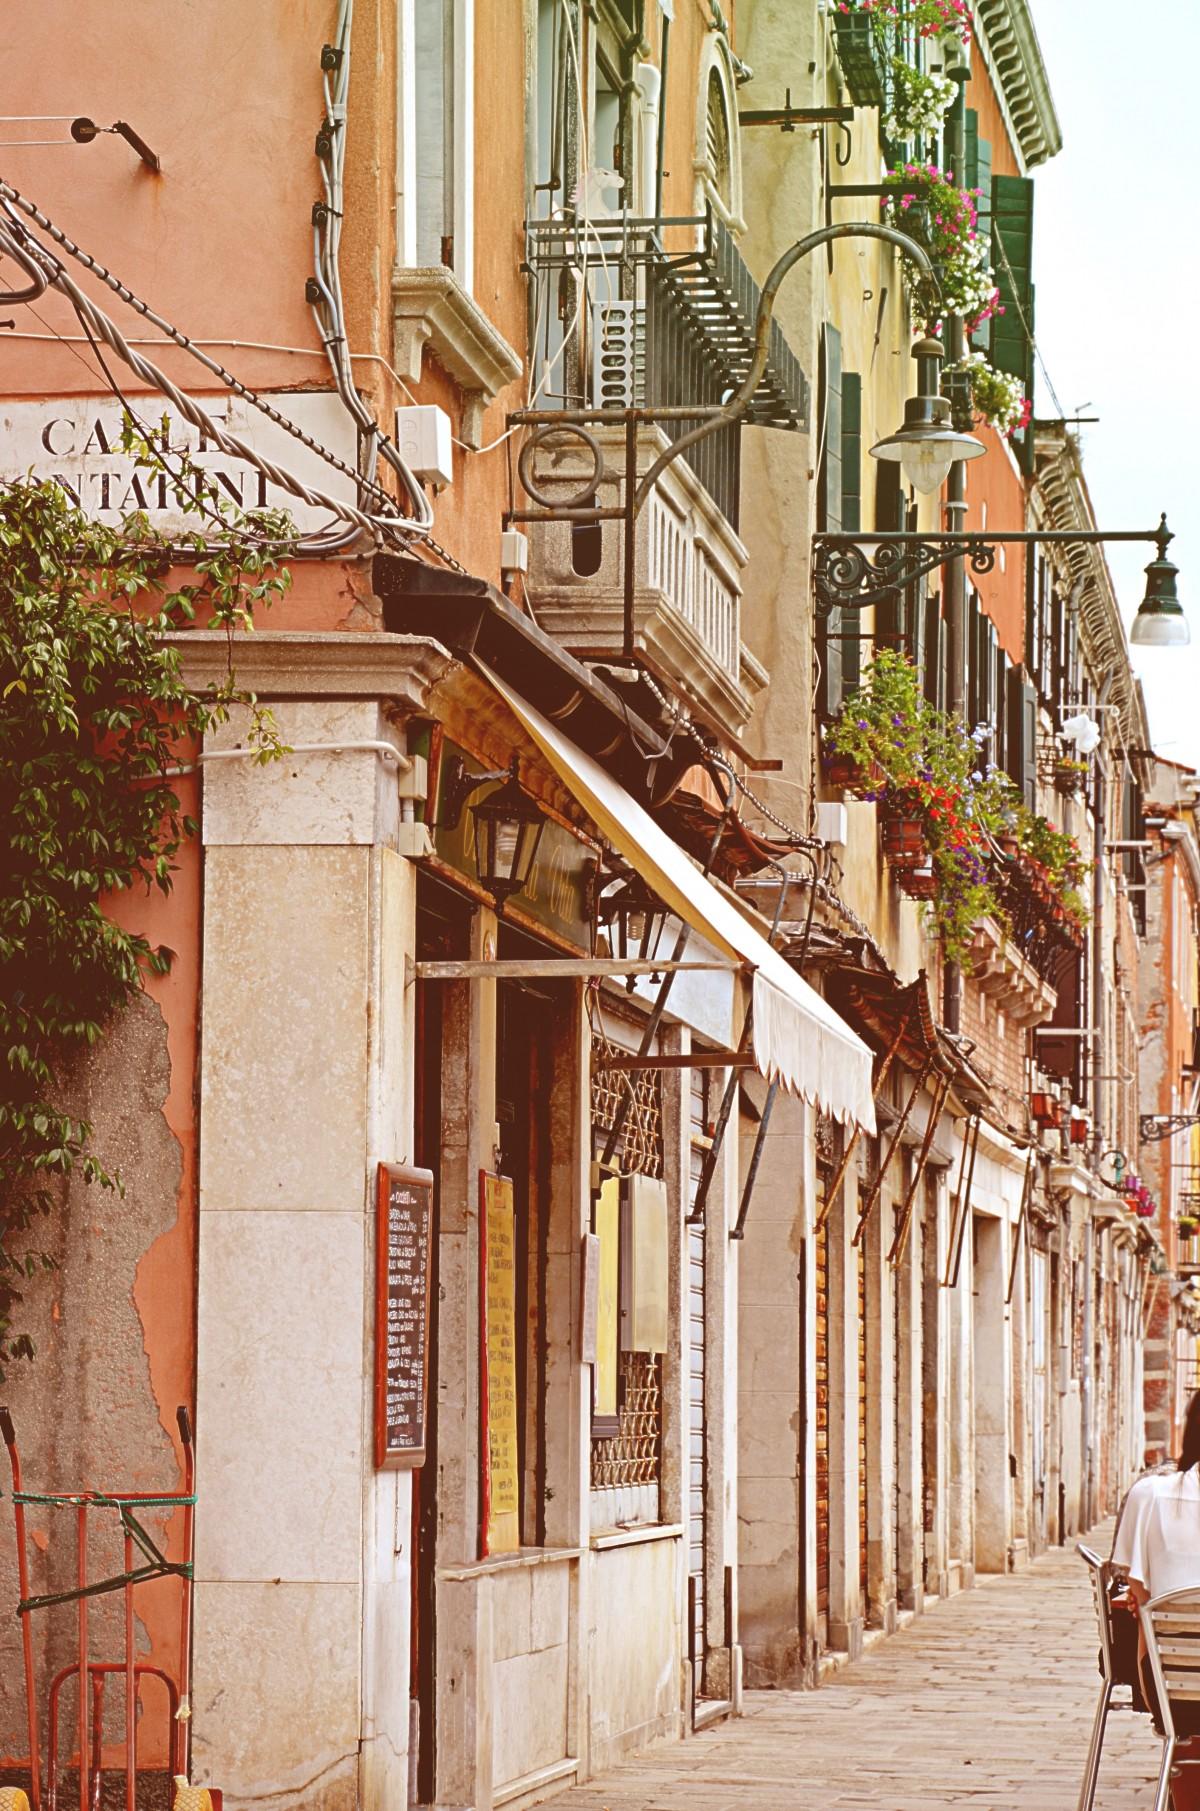 Italian mature taken in alley